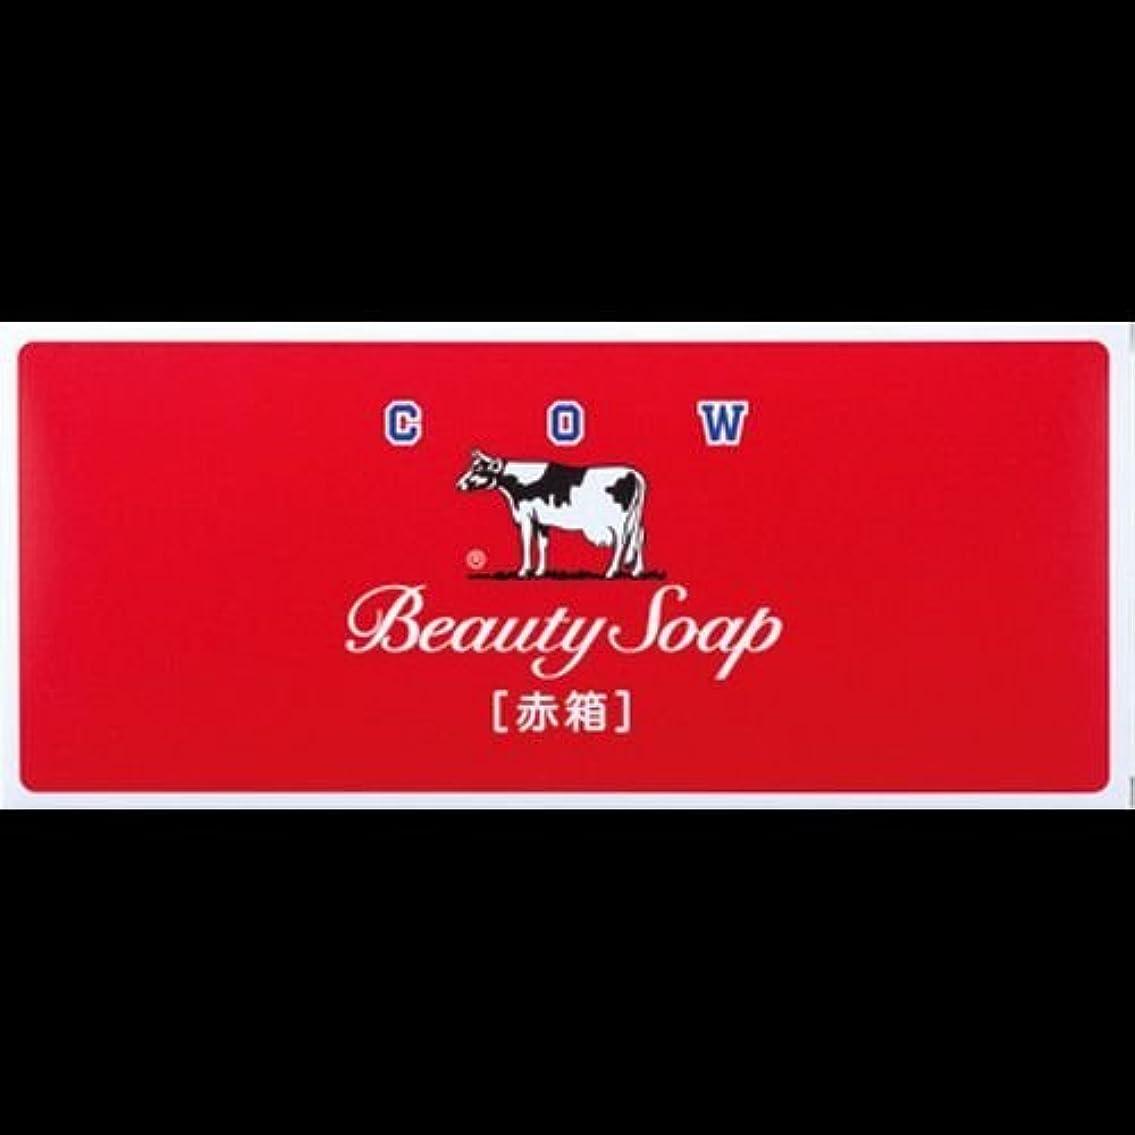 解明する獣委託【まとめ買い】カウブランド石鹸 赤箱100g*6個 ×2セット